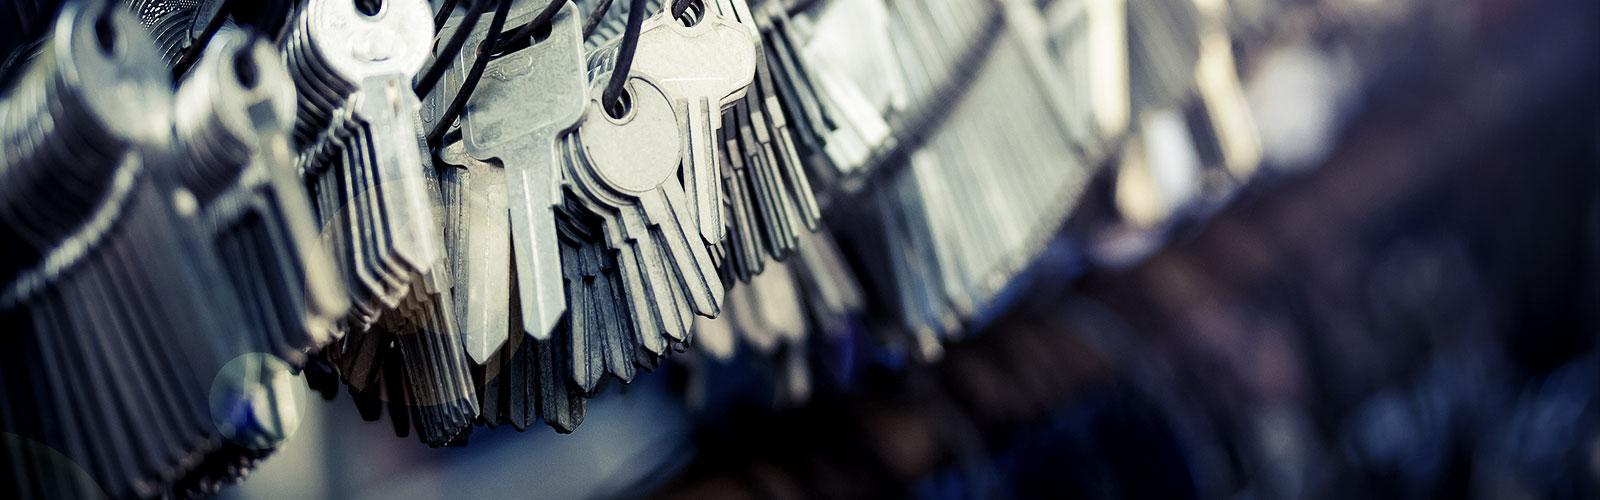 Denton: Locksmith, Mobile Locksmith and Emergency Locksmith